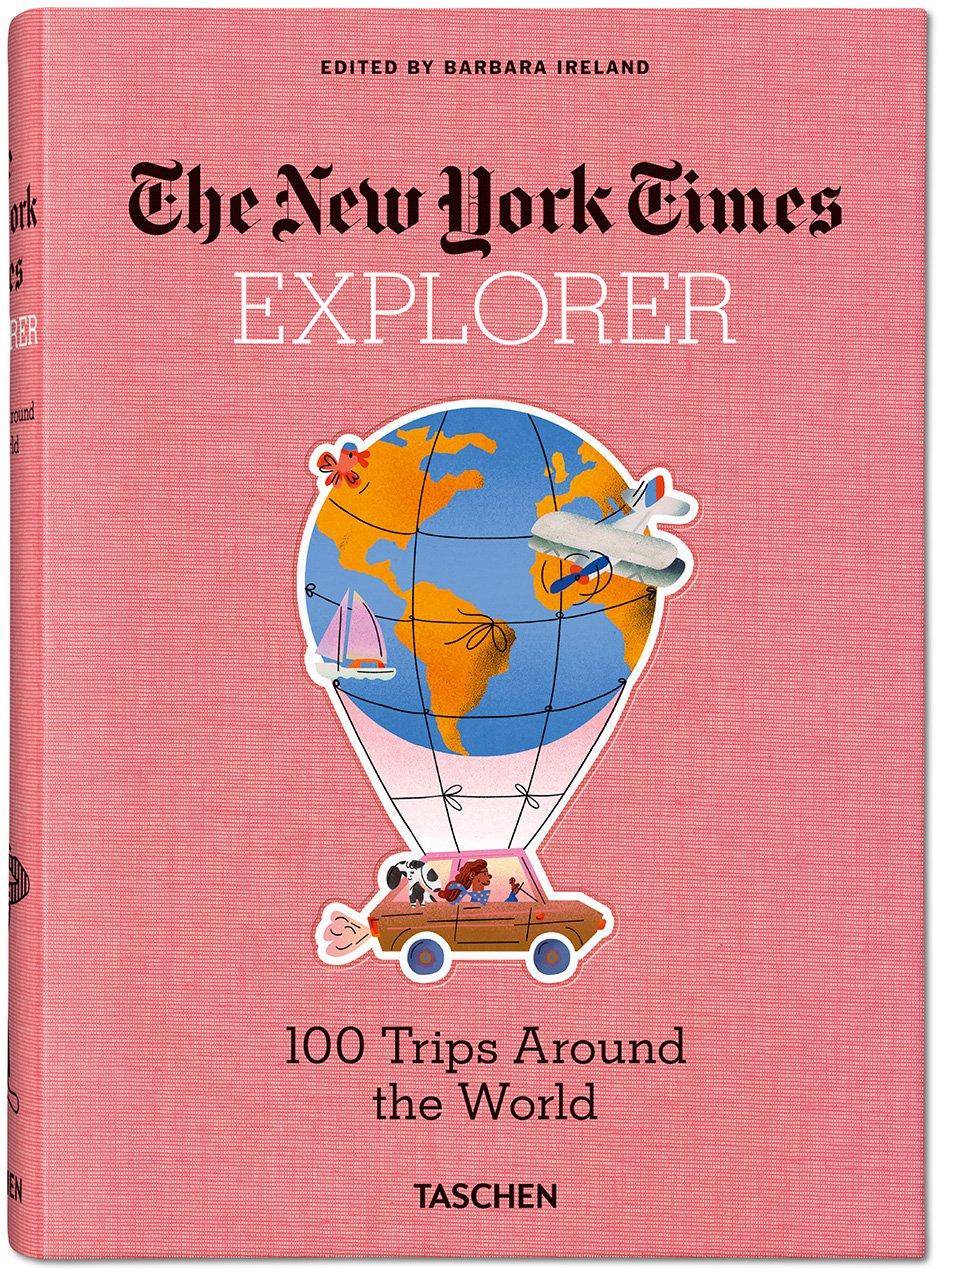 nyt_explorer_world_va_gb_3d_03455_2006301459_id_1310919